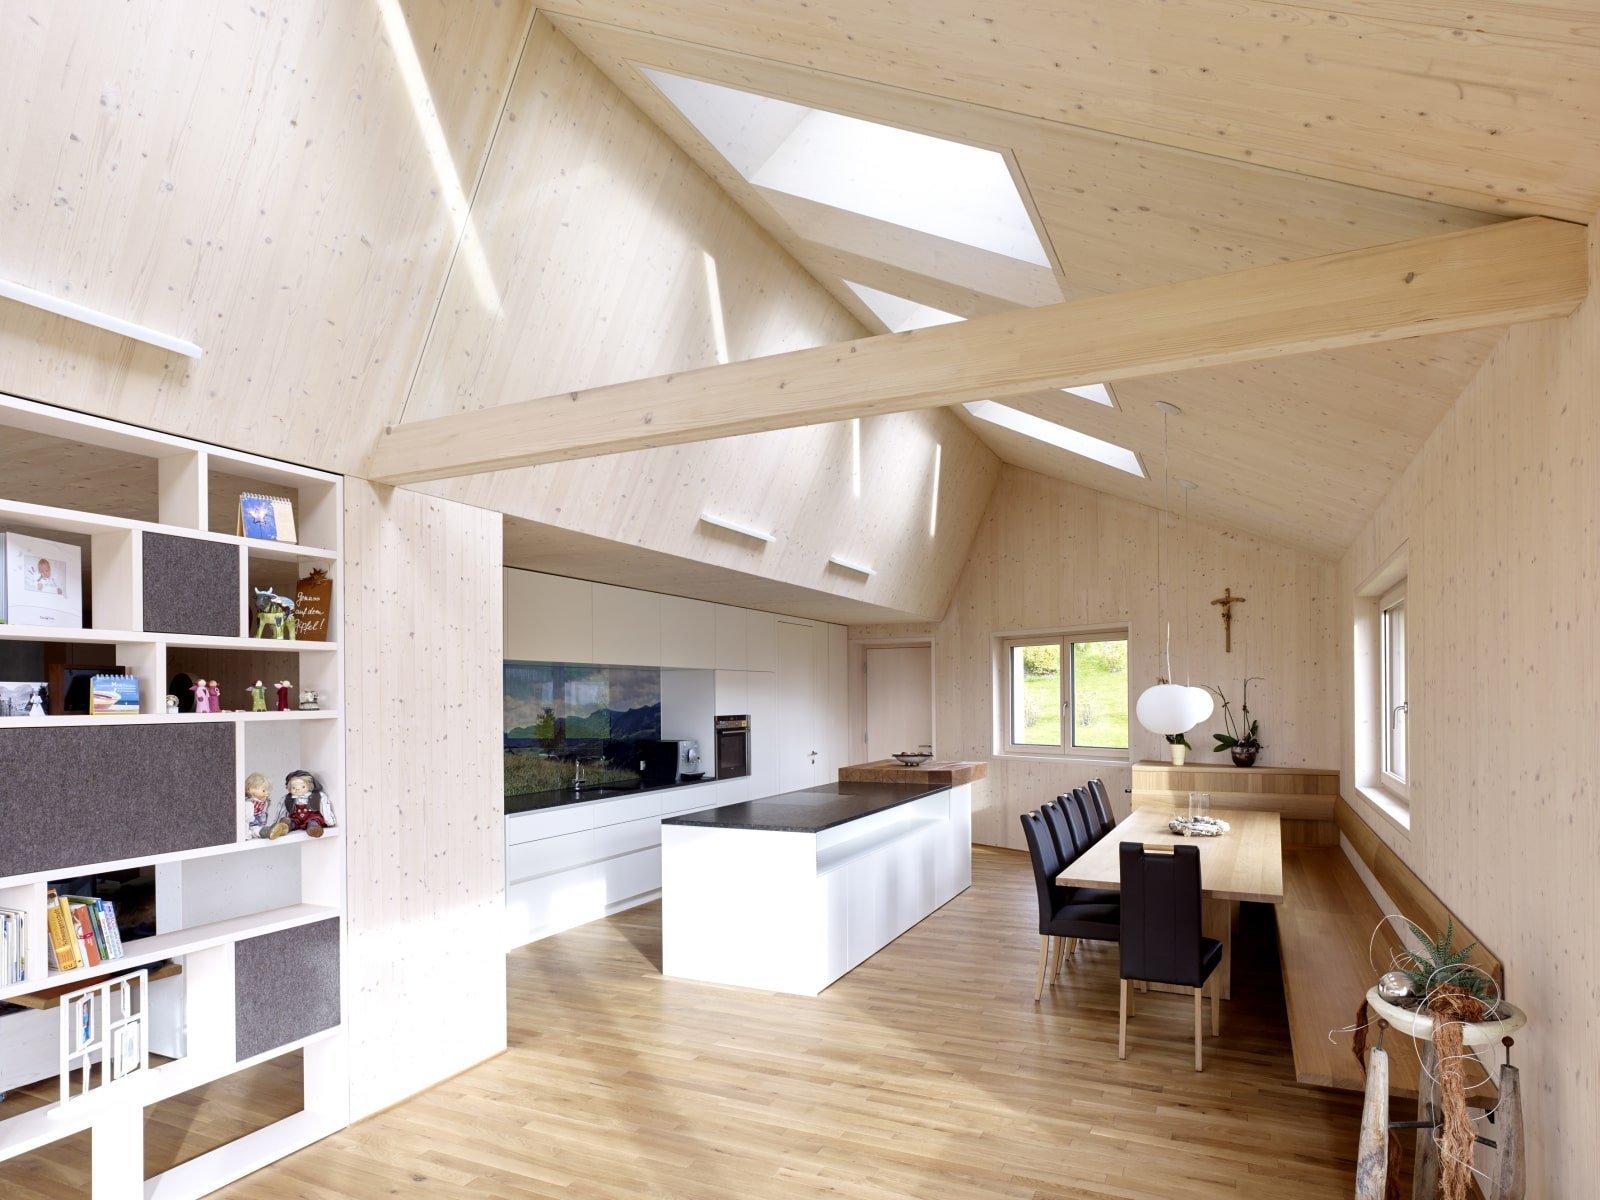 Dřevo vždy patřilo i bude patřit k nejvíce využívaným stavebním materiálům vůbec. Zcela dřevený dům byl postaven i v obci Sulzberg, která je známá svojí krásnou přírodou. Nejen proto byl dům stavěn s co největším ohledem na své okolí.